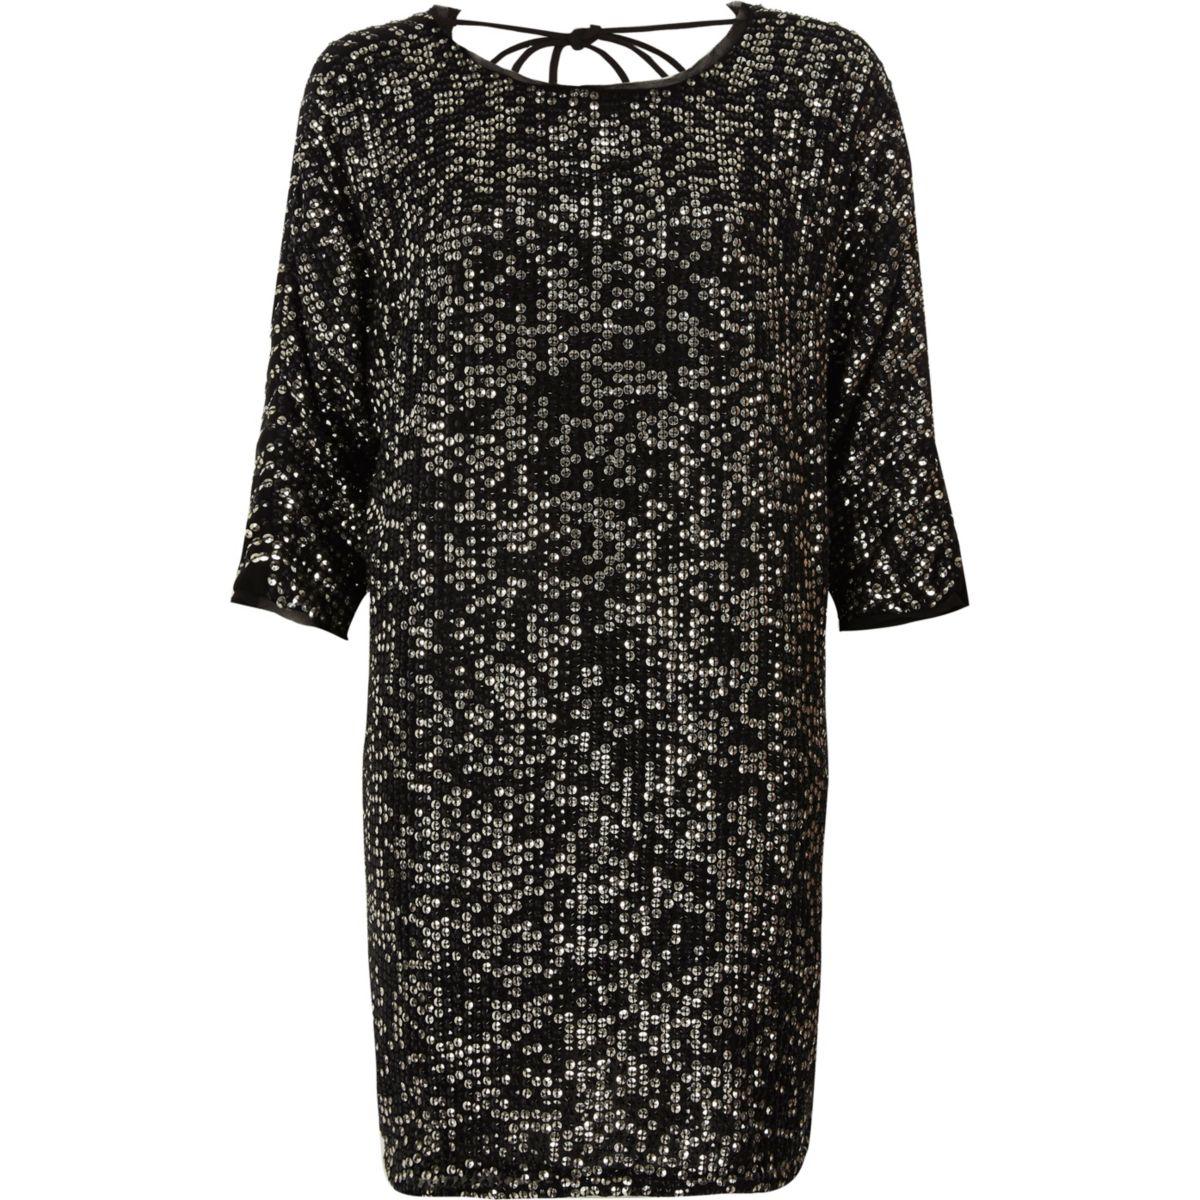 Black sequin embellished t shirt shift dress dresses for Sequin t shirt changing